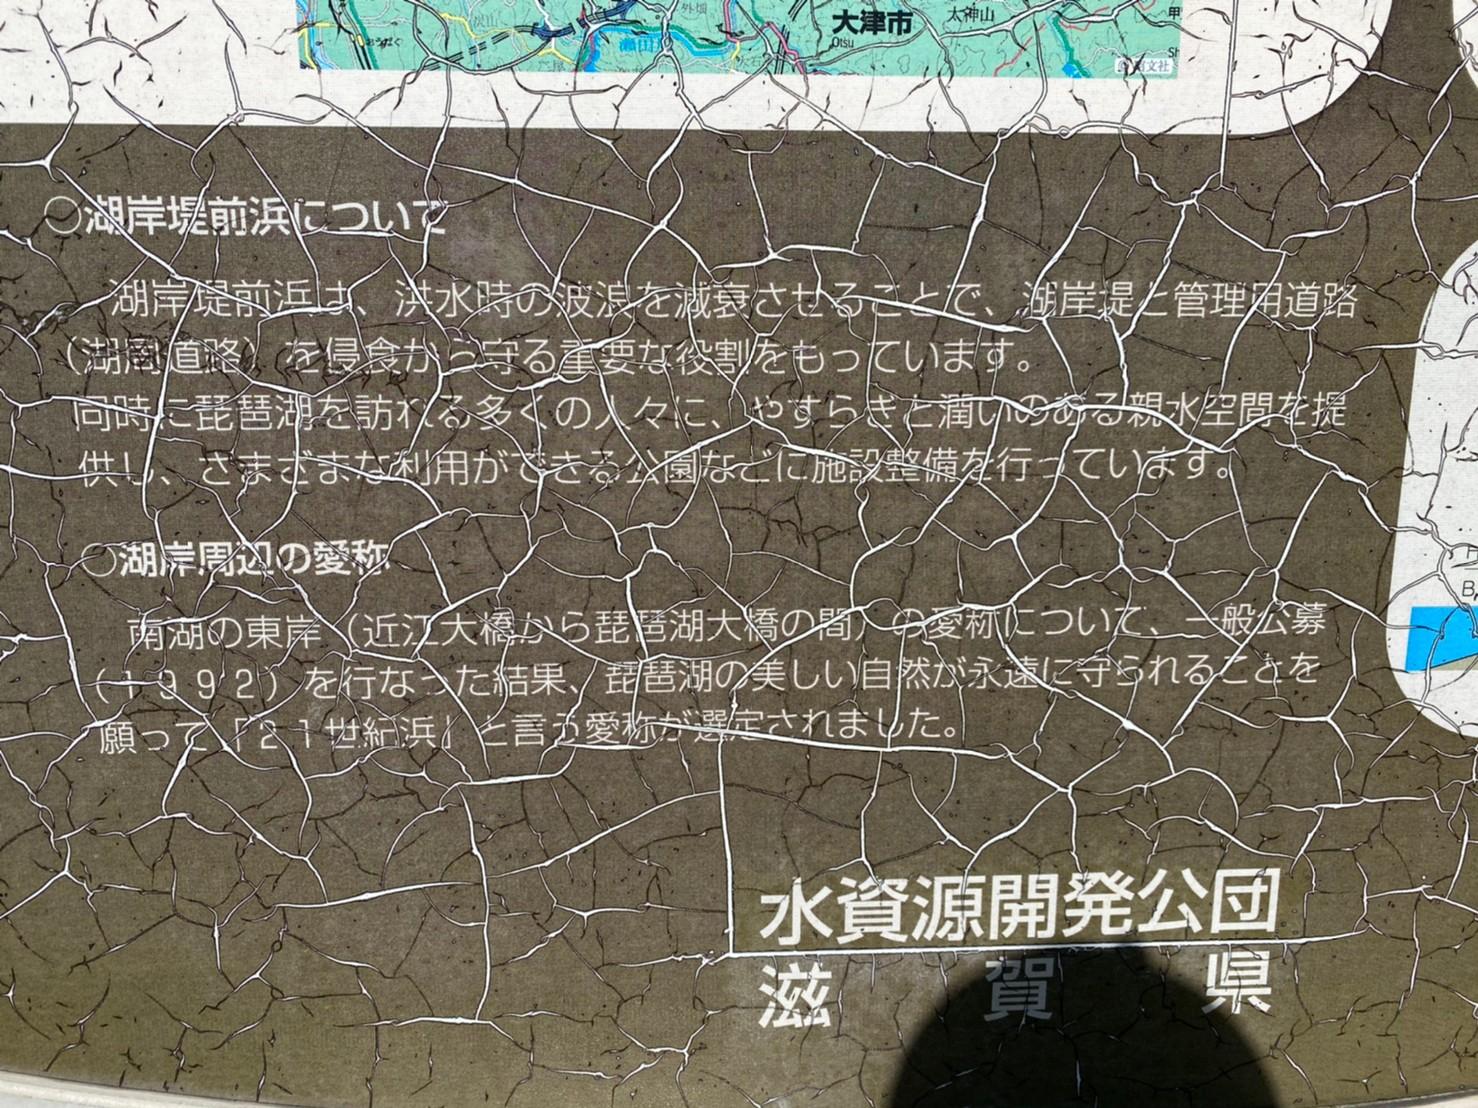 【草津市】『湖岸緑地 北山田-2・3』のアウトドア情報